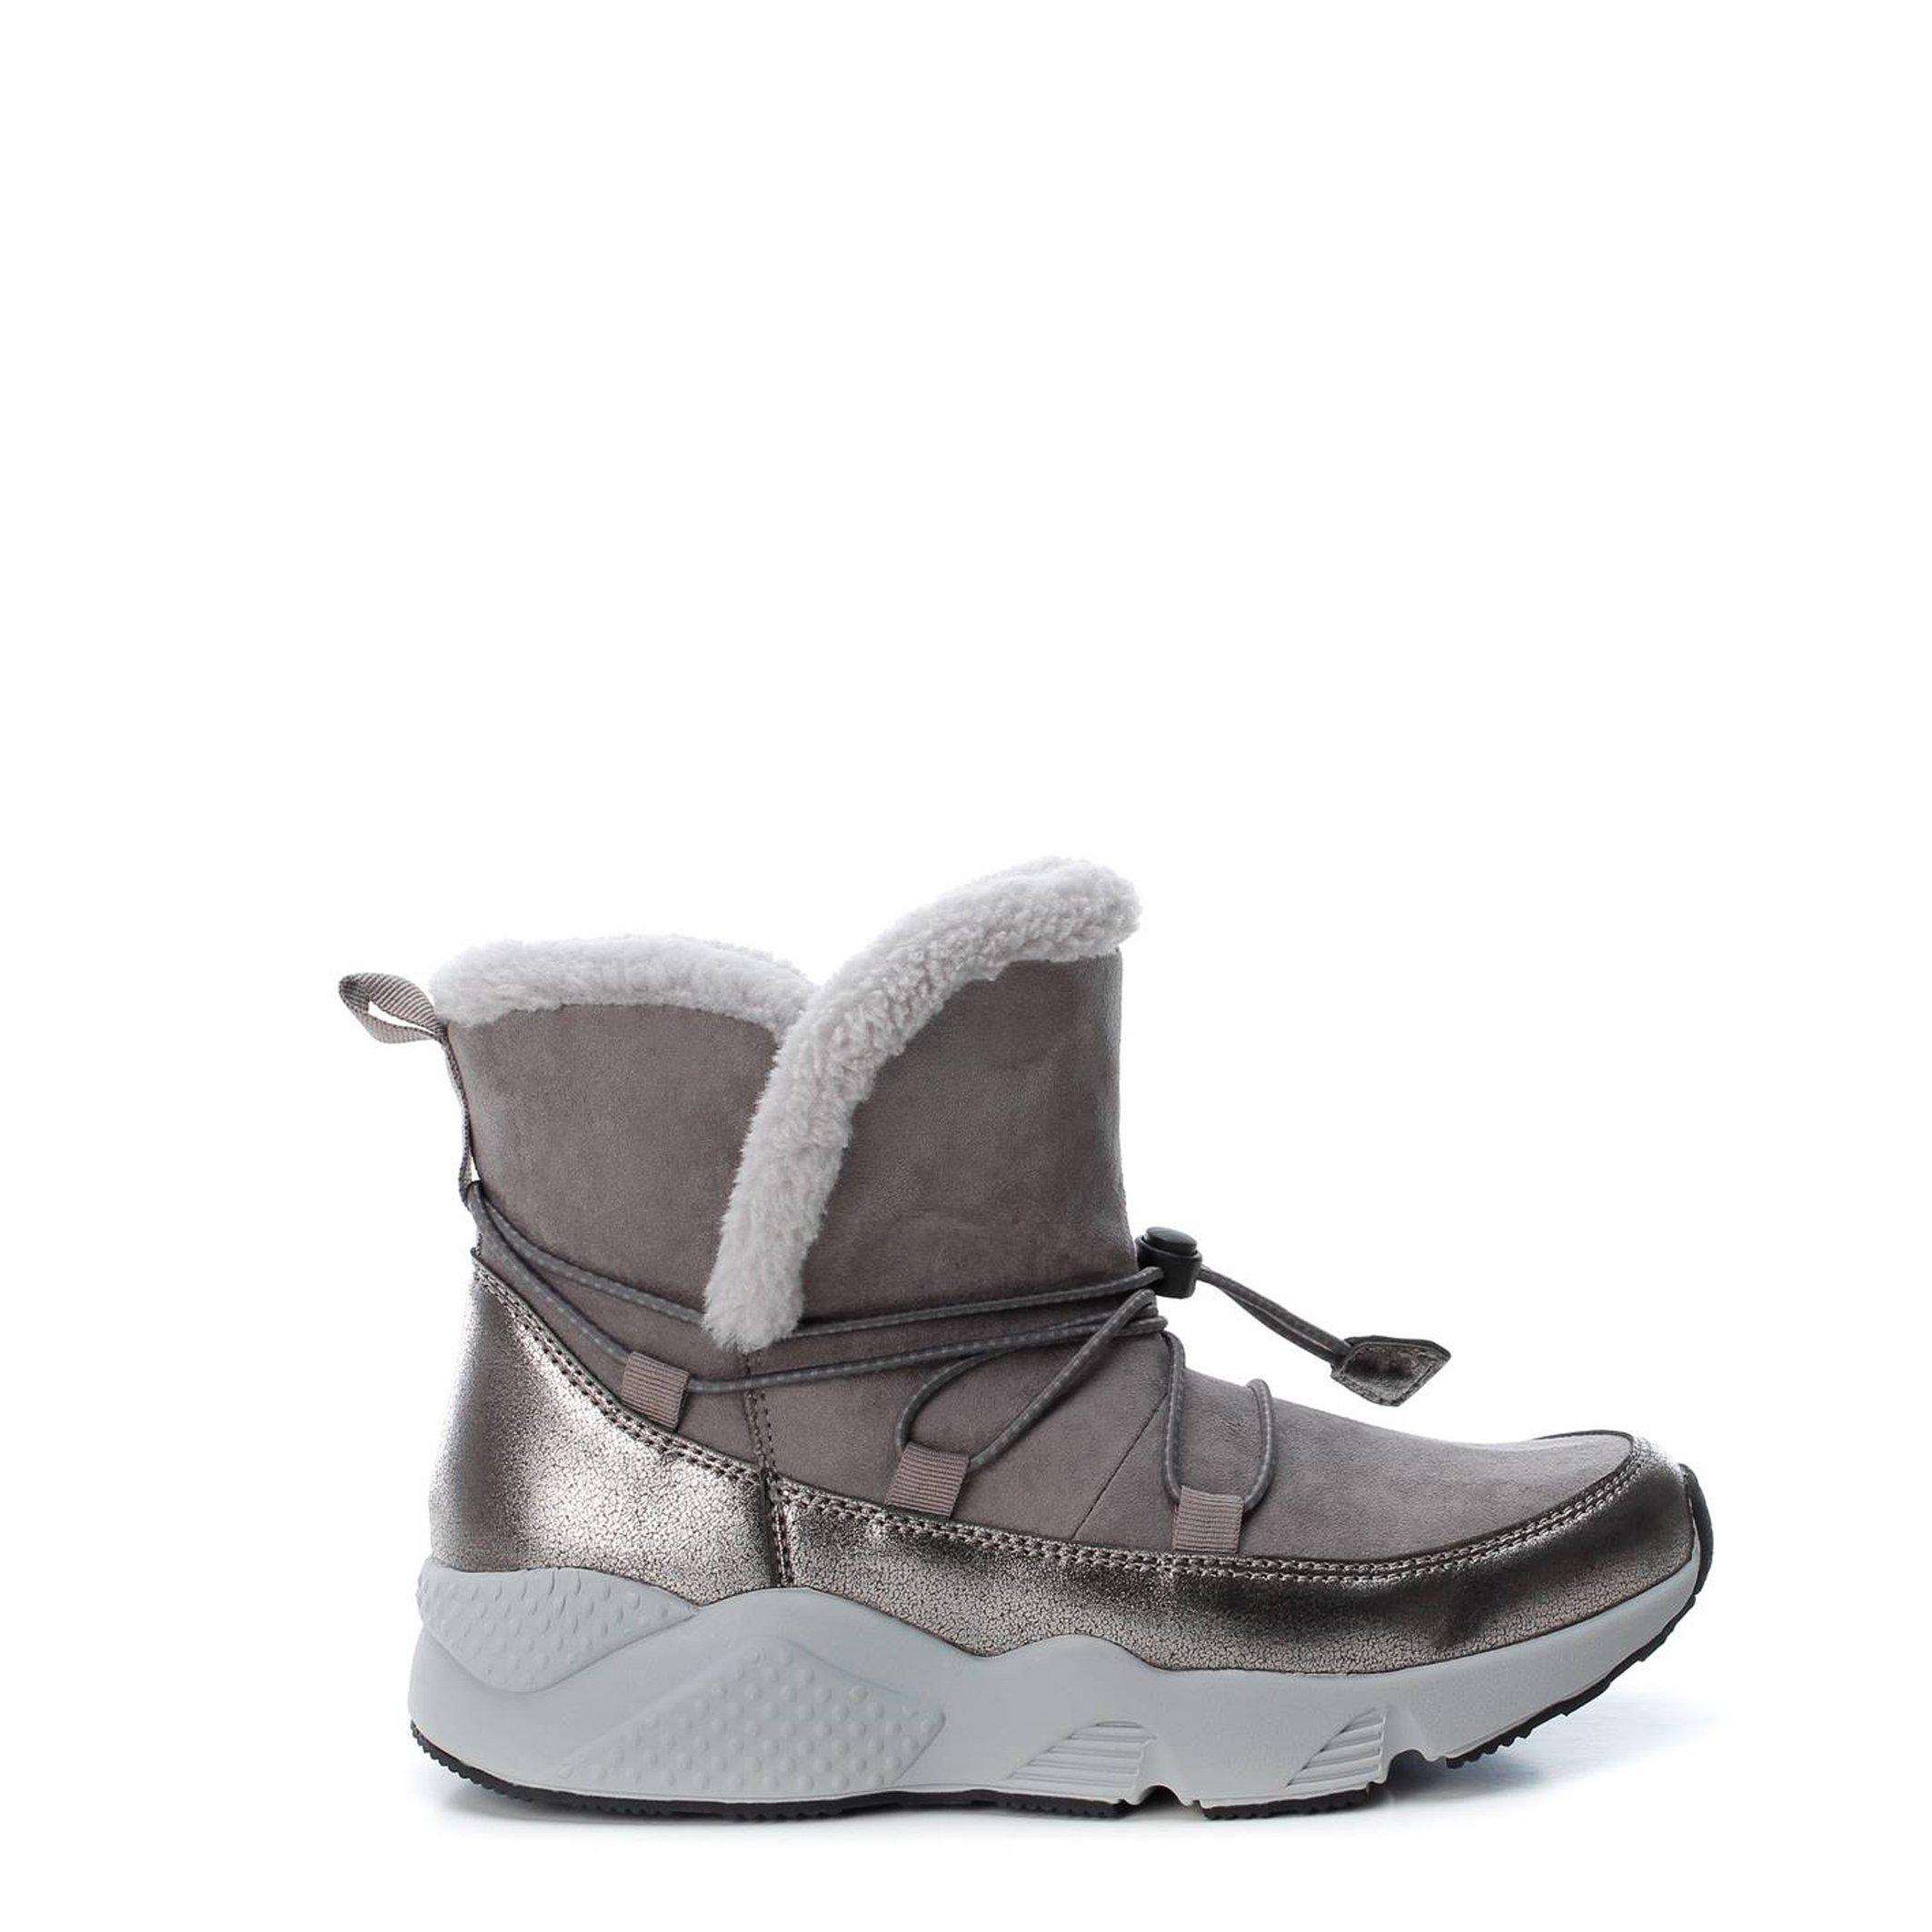 Xti Women's Ankle Boots Various Colors 49514 - grey EU 36